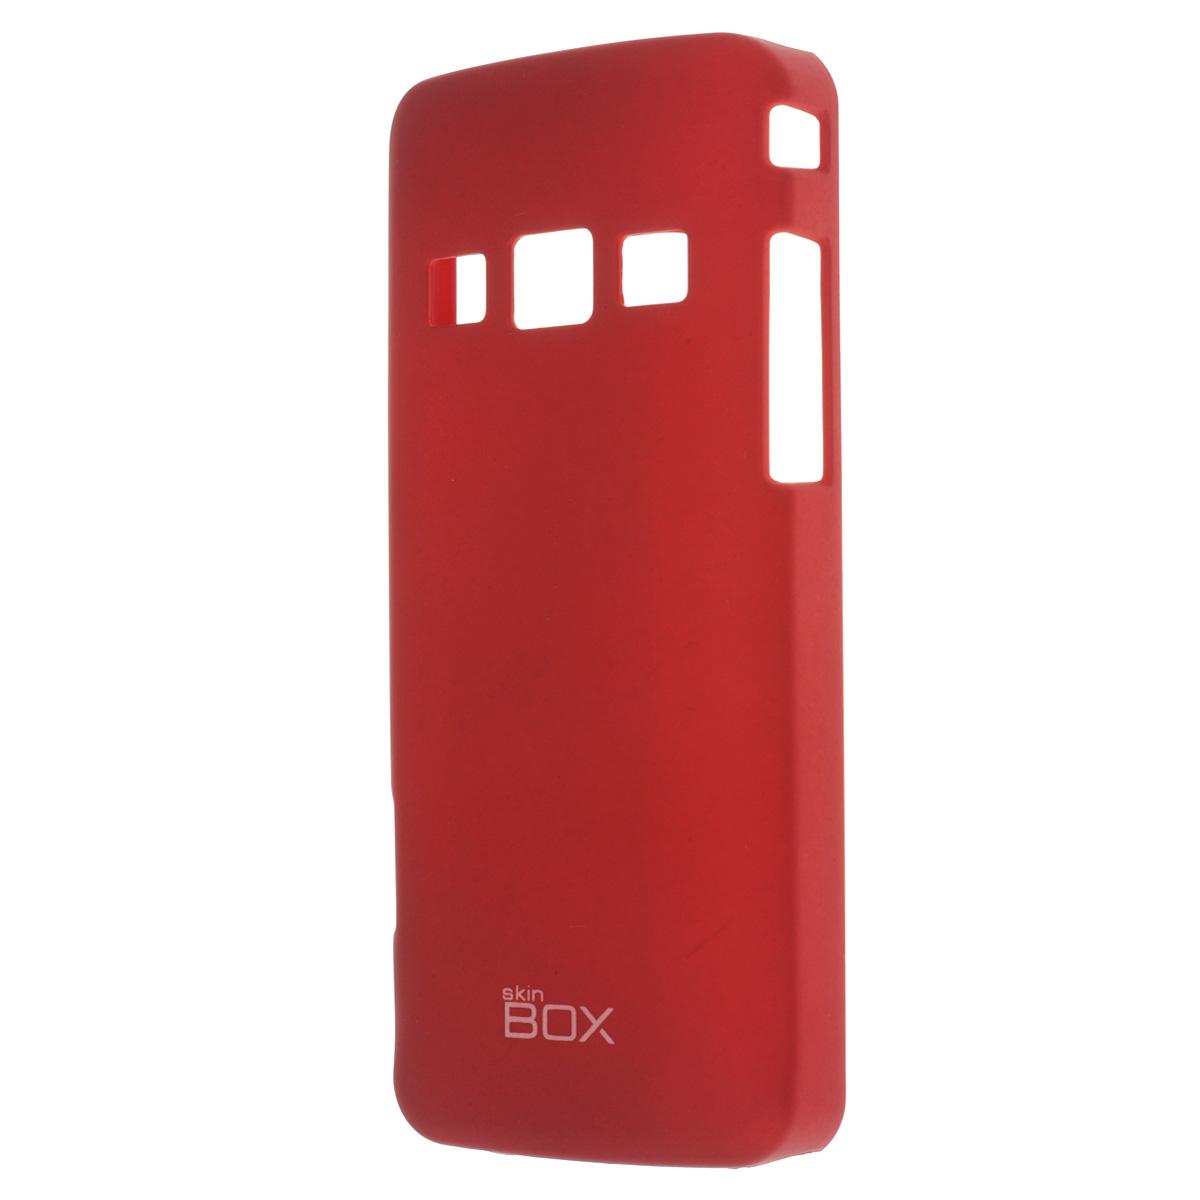 Skinbox Shield 4People чехол для Samsung S5610/5611, RedT-S-SS5610-002Накладка Skinbox Shield 4People для Samsung S5610/5611- отличный аксессуар для защиты корпуса вашего смартфона от внешних повреждений, сохраняющий размеры устройства и обеспечивающий удобство работы с ним. Устойчивый к истиранию пластик надежно амортизирует мелкие механические воздействия и предотвращает появление царапин или потертостей на корпусе вашего гаджета. В комплект также входит защитная пленка для экрана смартфона.